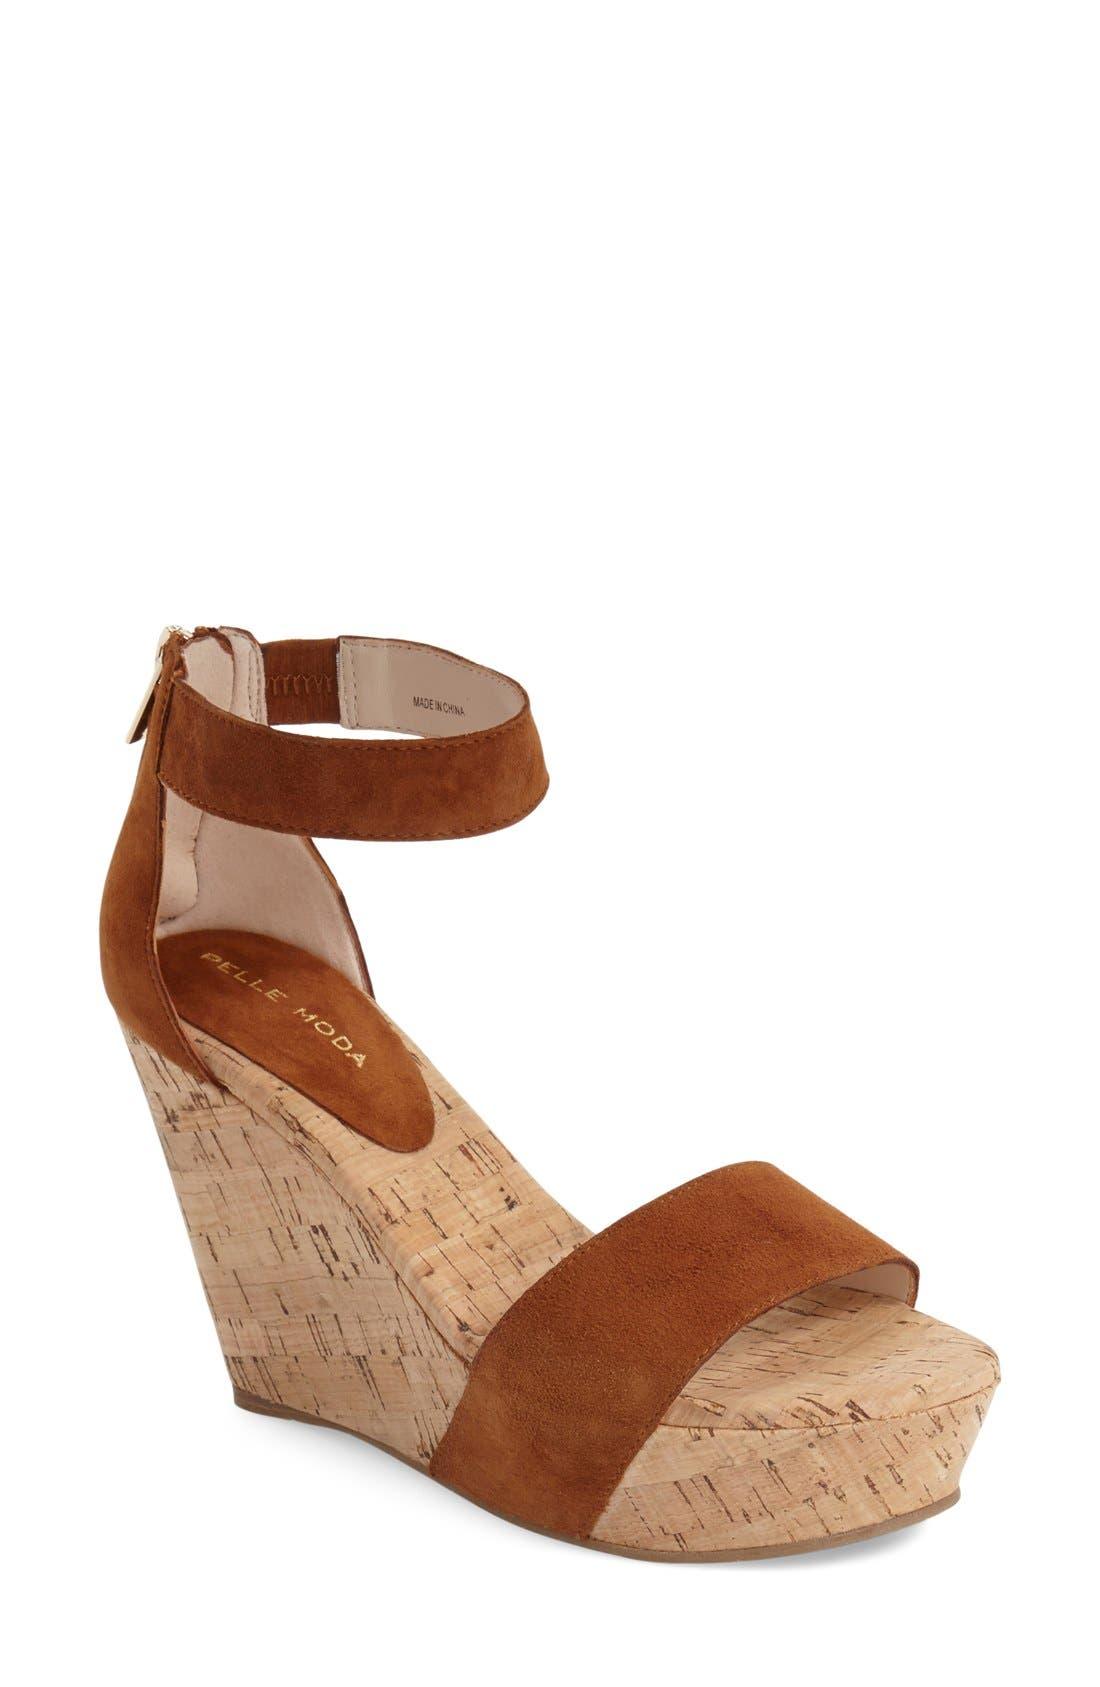 'Clare' Sandal,                             Main thumbnail 1, color,                             Cognac Leather